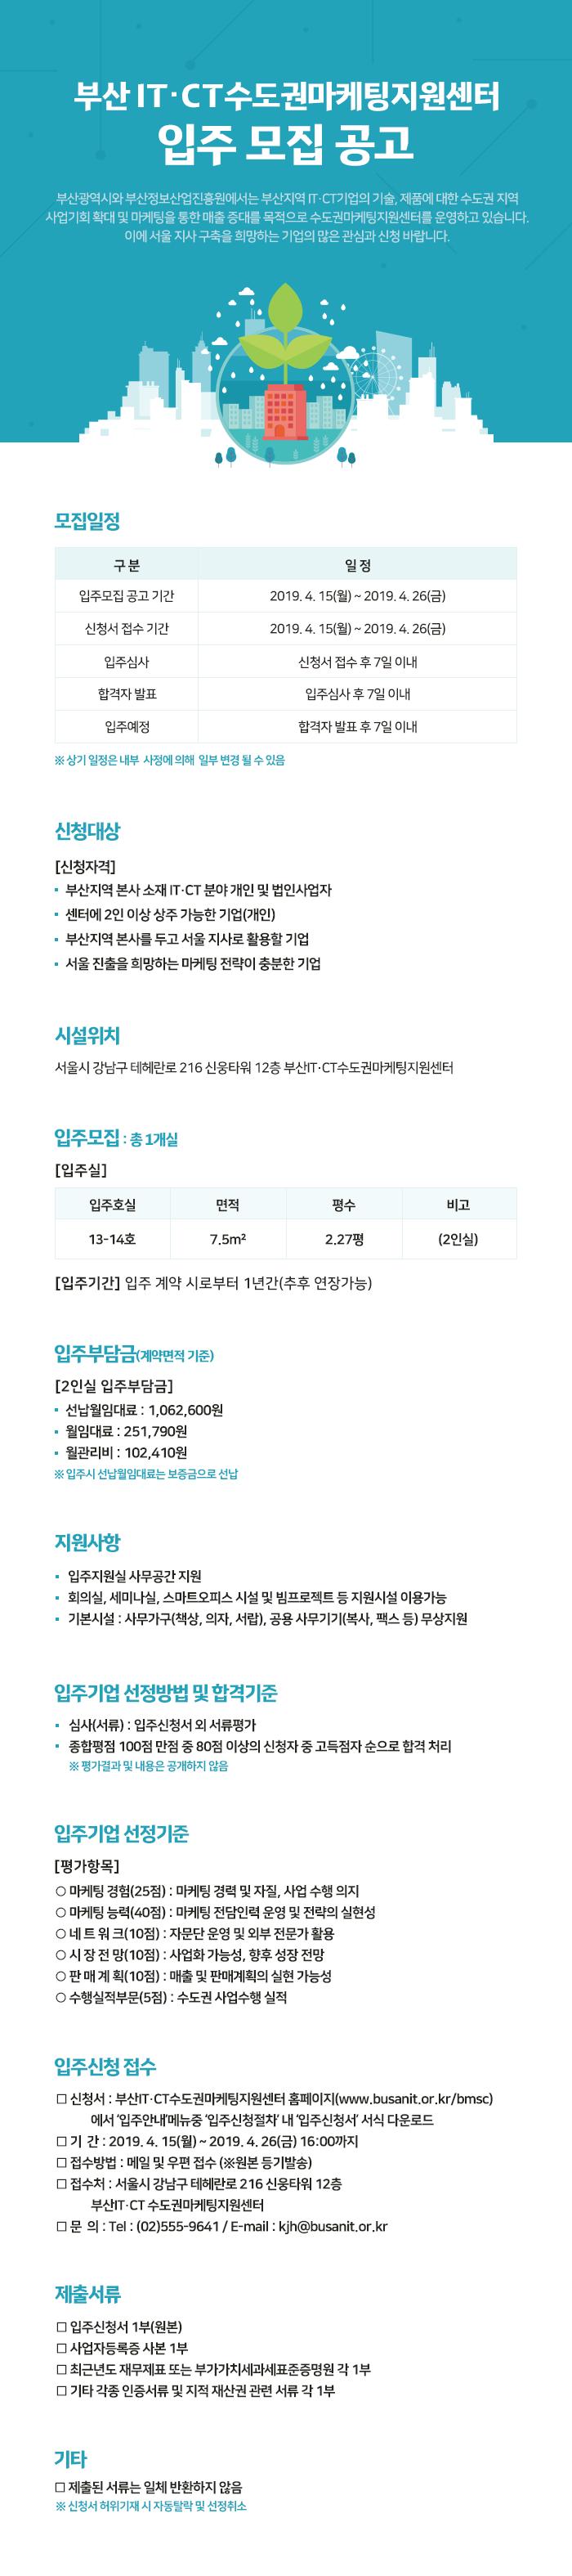 부산IT·CT수도권마케팅지원센터 입주 모집 공고